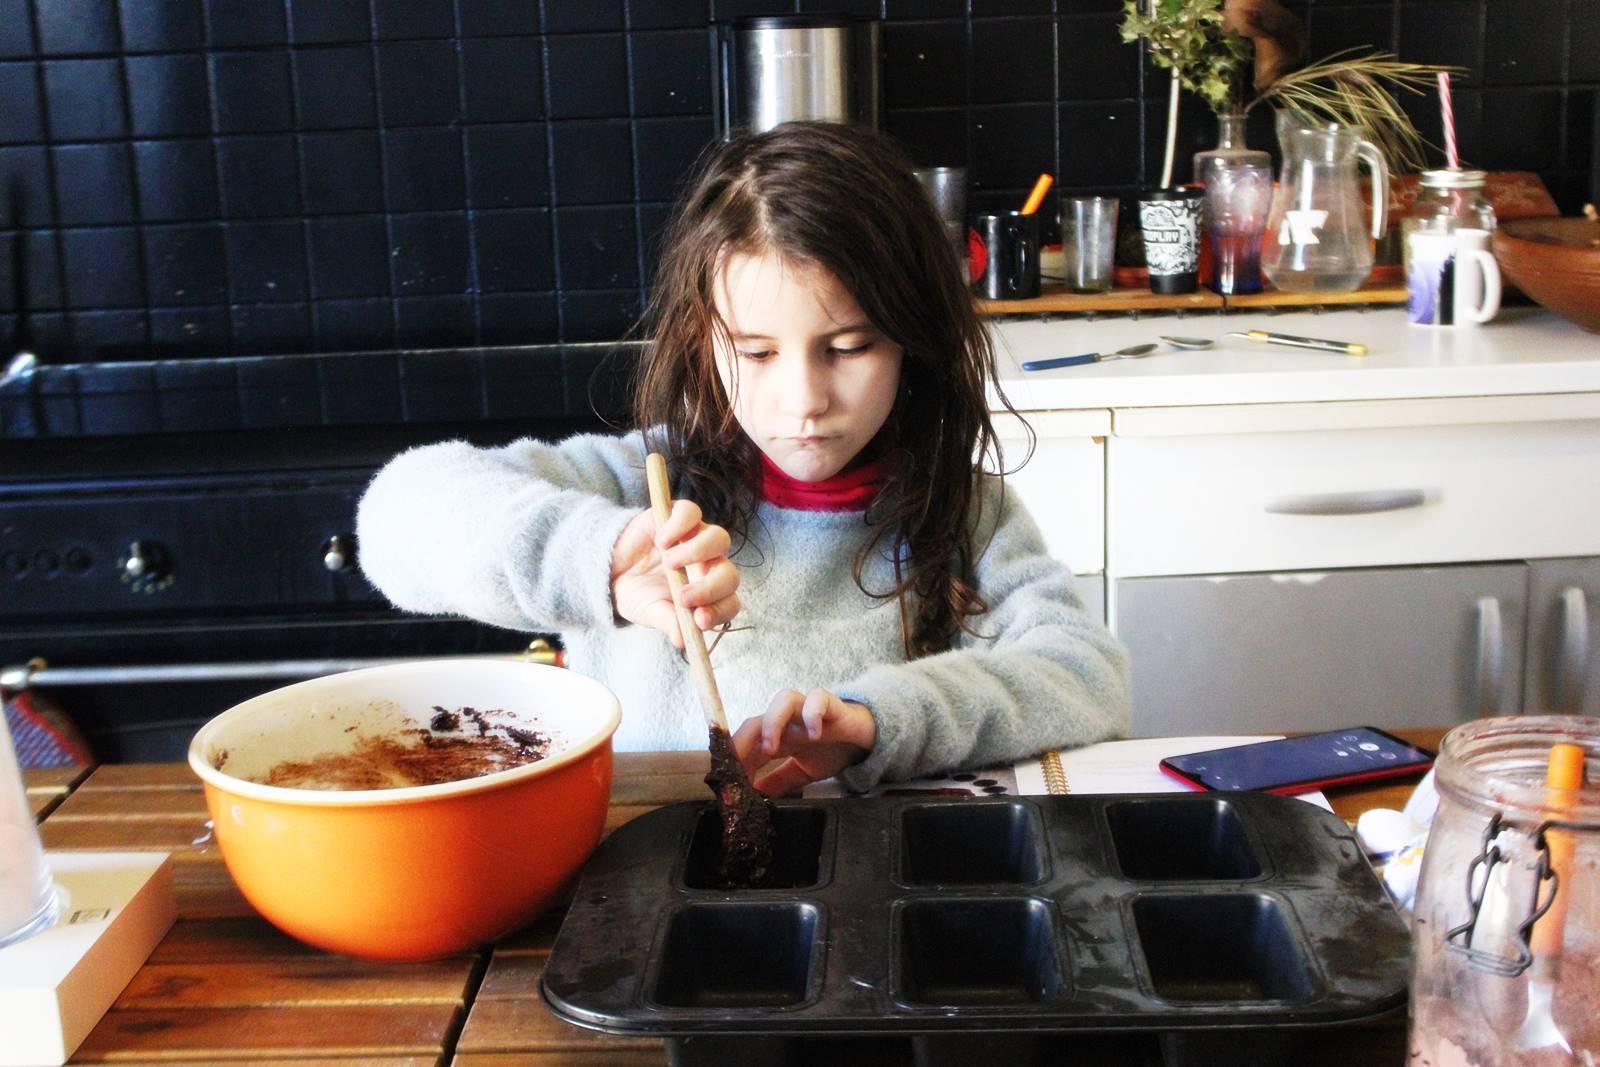 Recette fondant chocolat sans cuisson au speculoos hameaux bioimg 8473